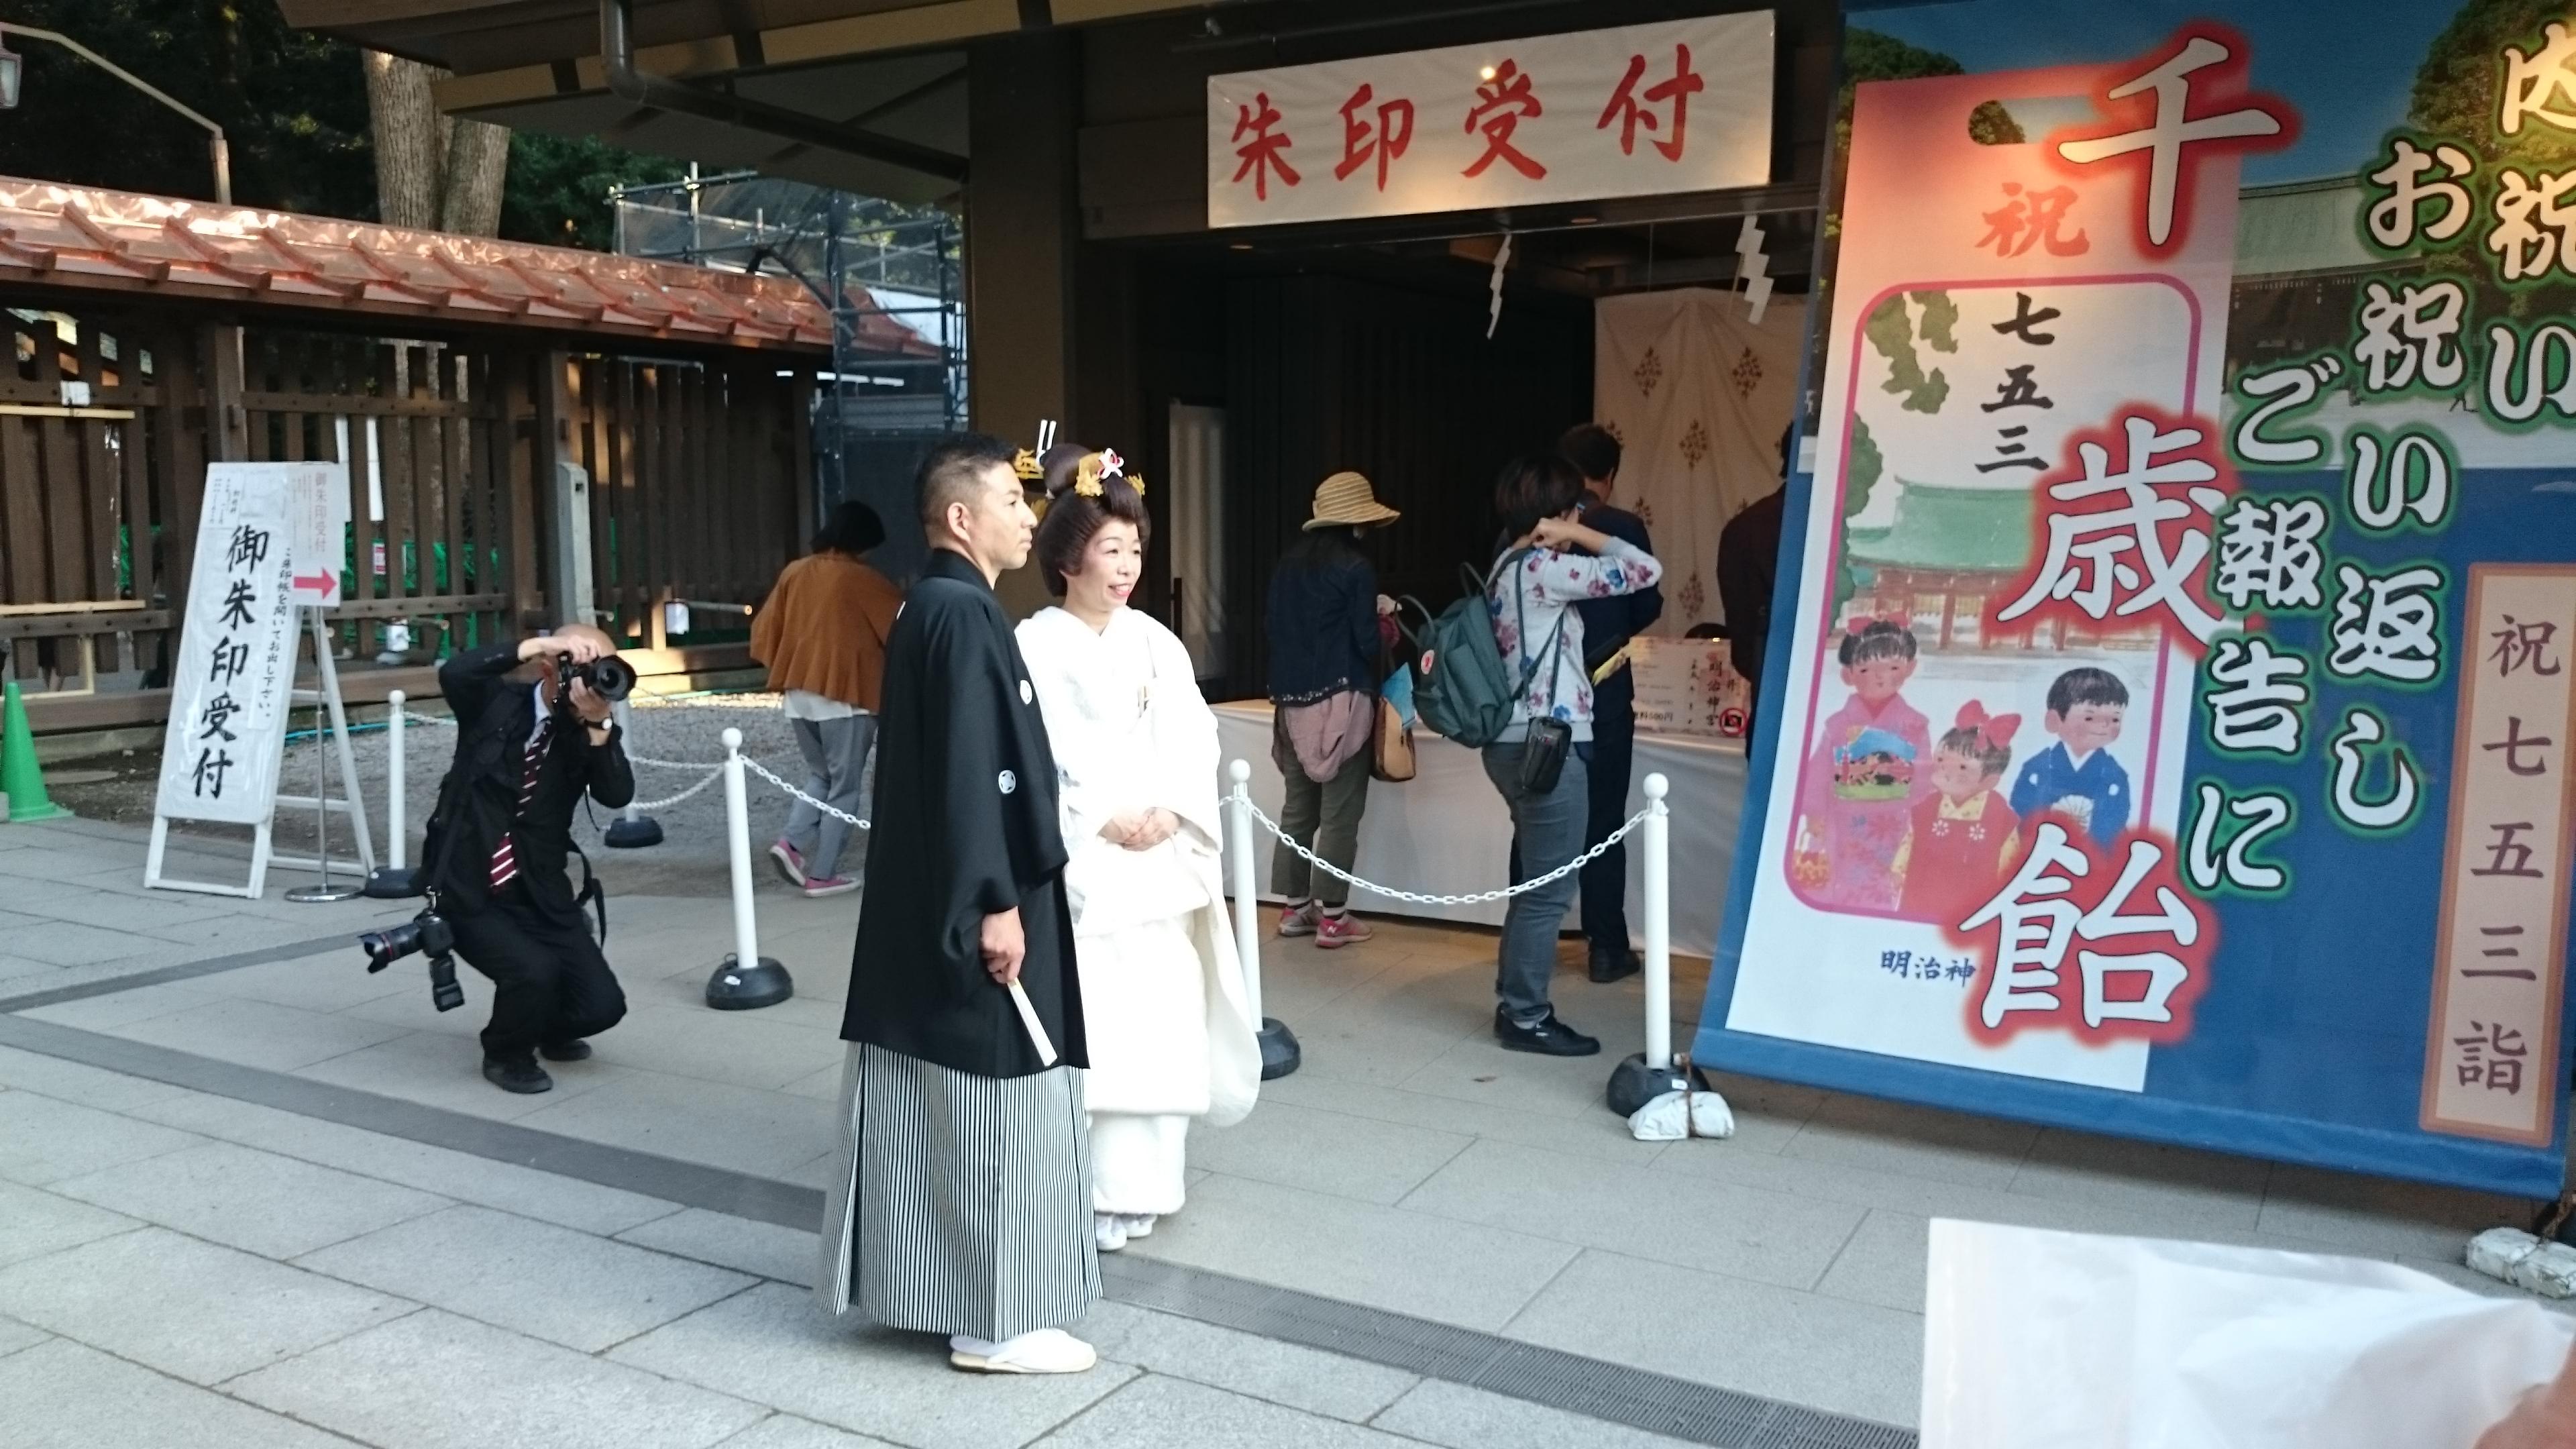 tenues traditionnels,temple, parc sanctuaire meiji-jingu, Tokyo, Japon